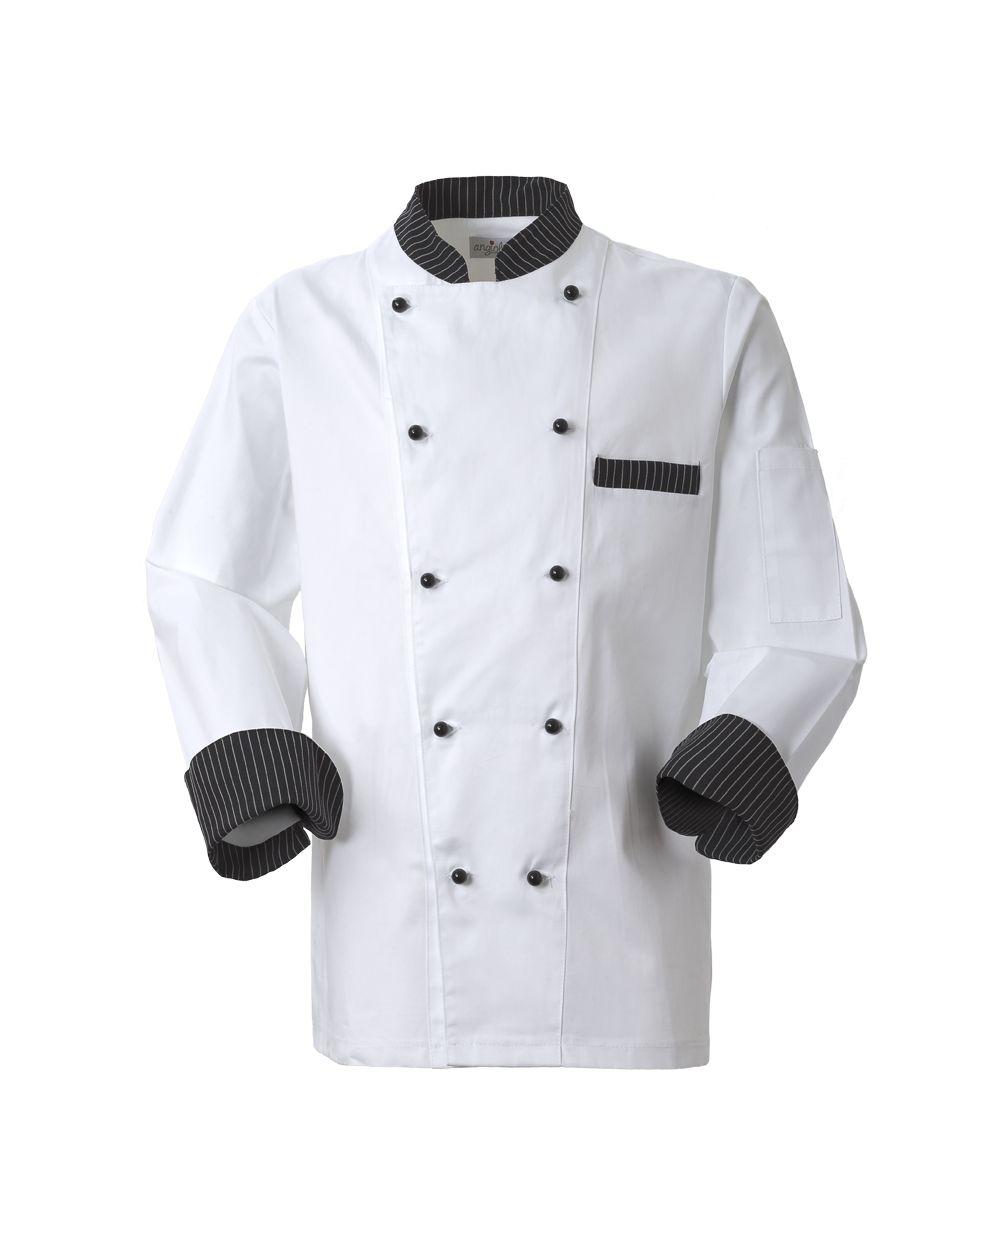 Prezzi Cuoco Acquista A Economici Abbigliamento Cucina Da E xzwEYZqw